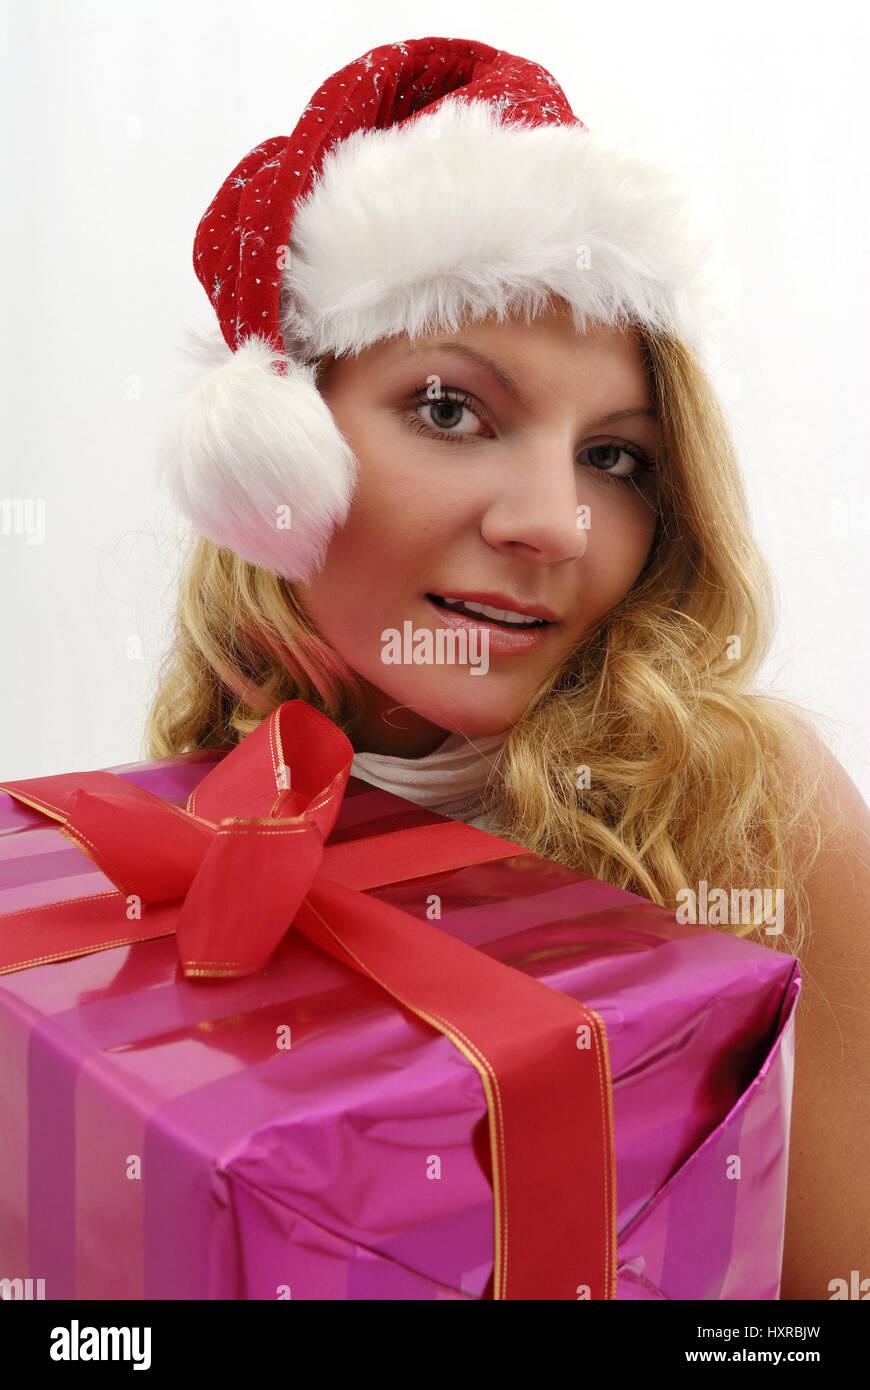 Geschenke Weihnachten Frau.Weihnachten Yule Flut Advent Adventszeit Die Verteilung Der